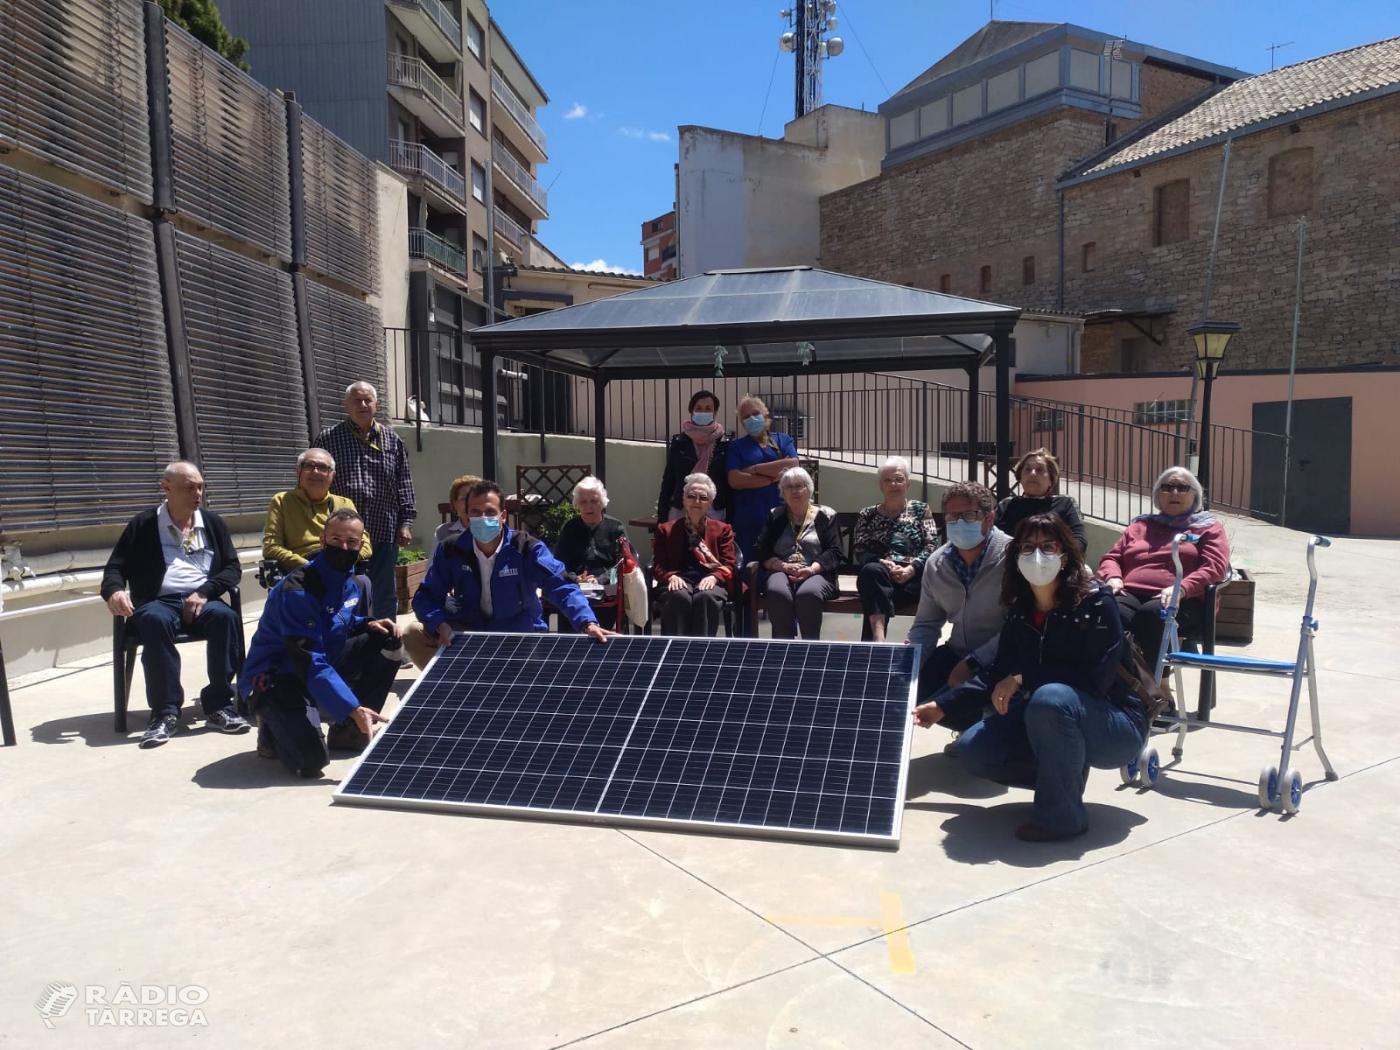 La Llar d'Avis el Carme de Tàrrega instal·larà panells solars fotovoltaics per abastir més de la meitat del consum elèctric que tenen